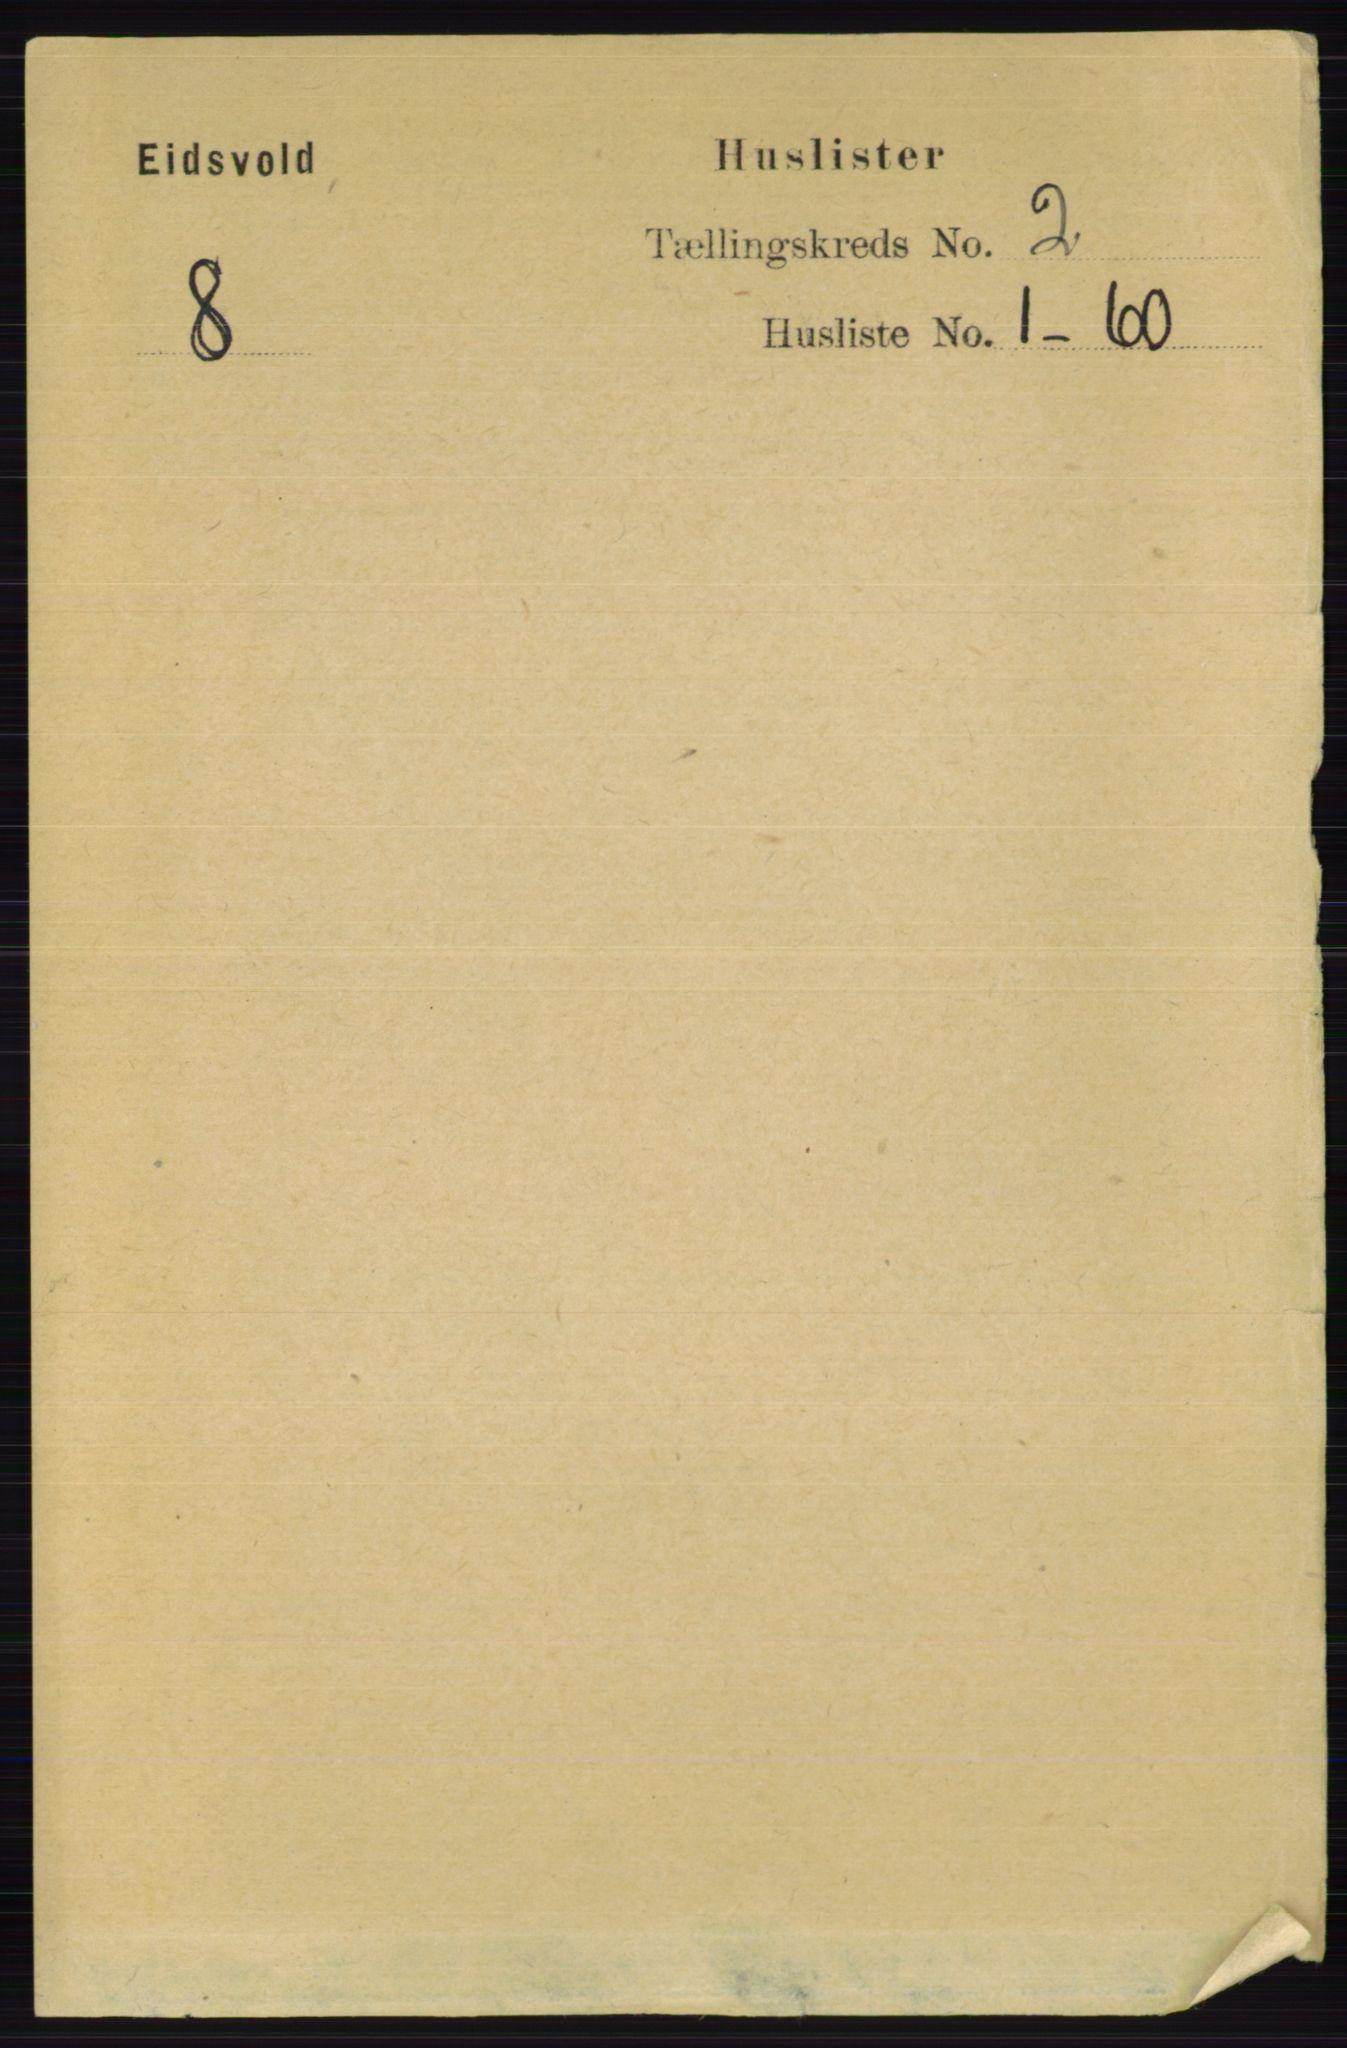 RA, Folketelling 1891 for 0237 Eidsvoll herred, 1891, s. 1115